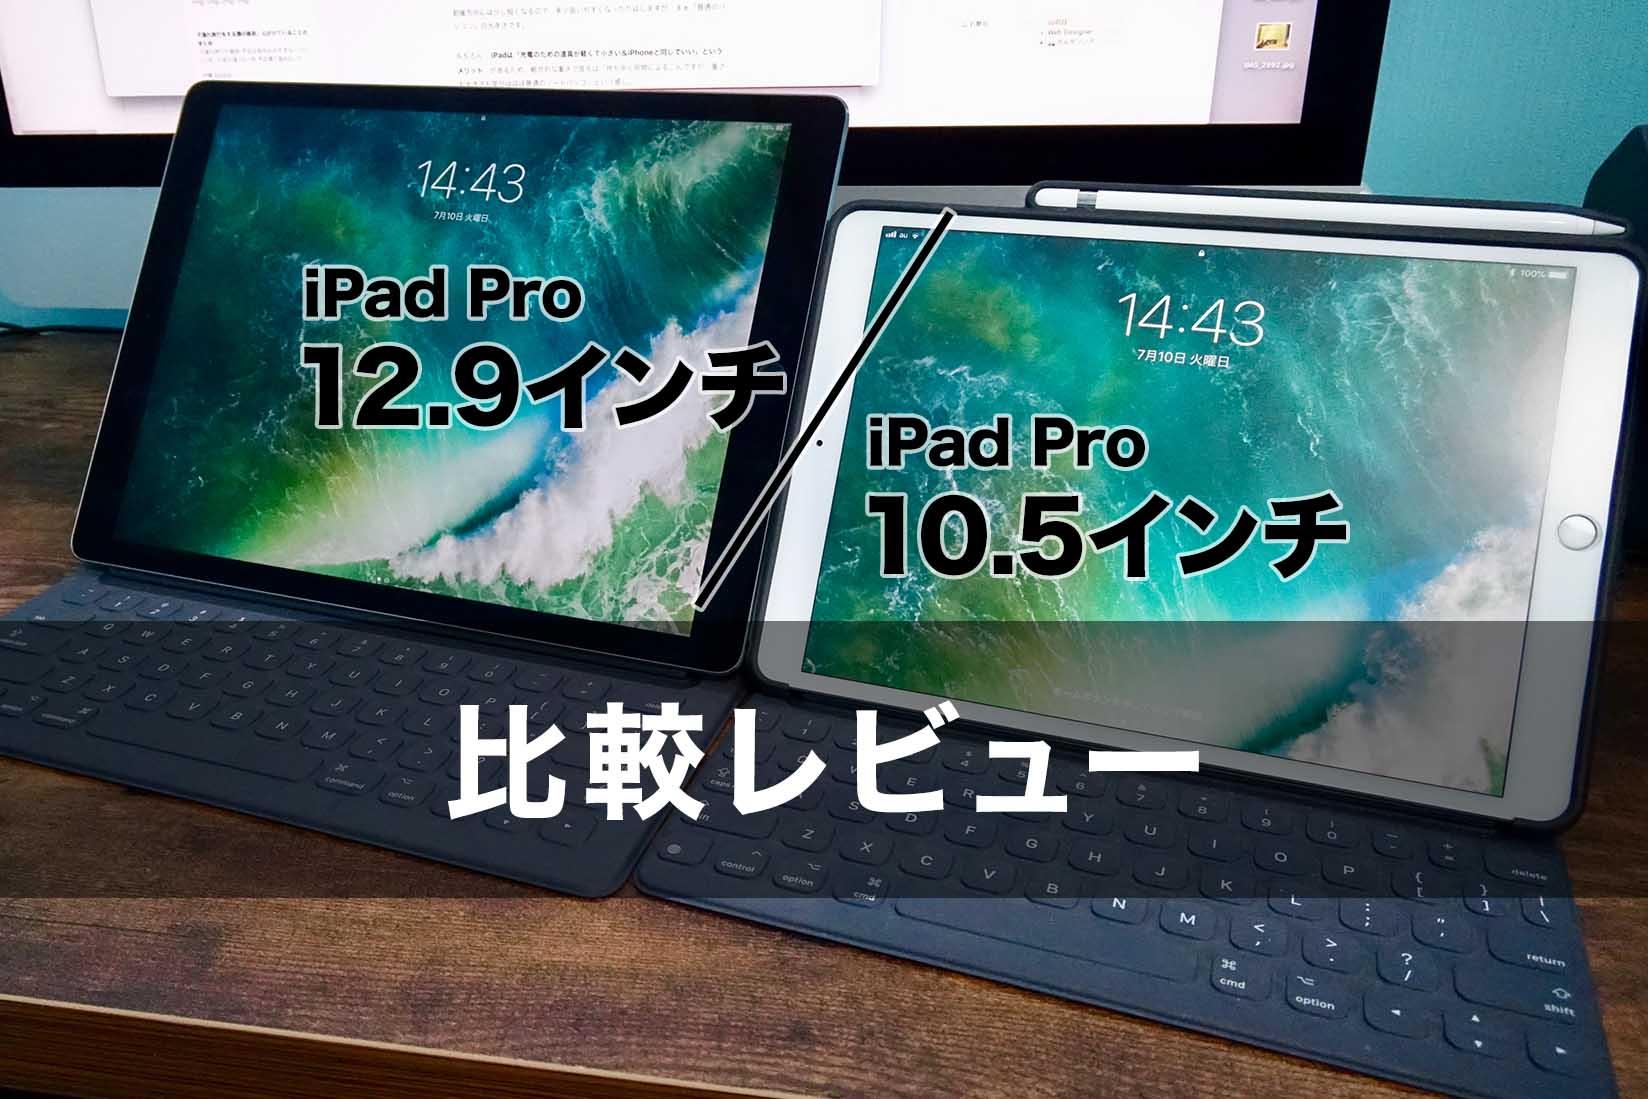 iPad Pro 12.9インチの10.5インチとの比較レビュー